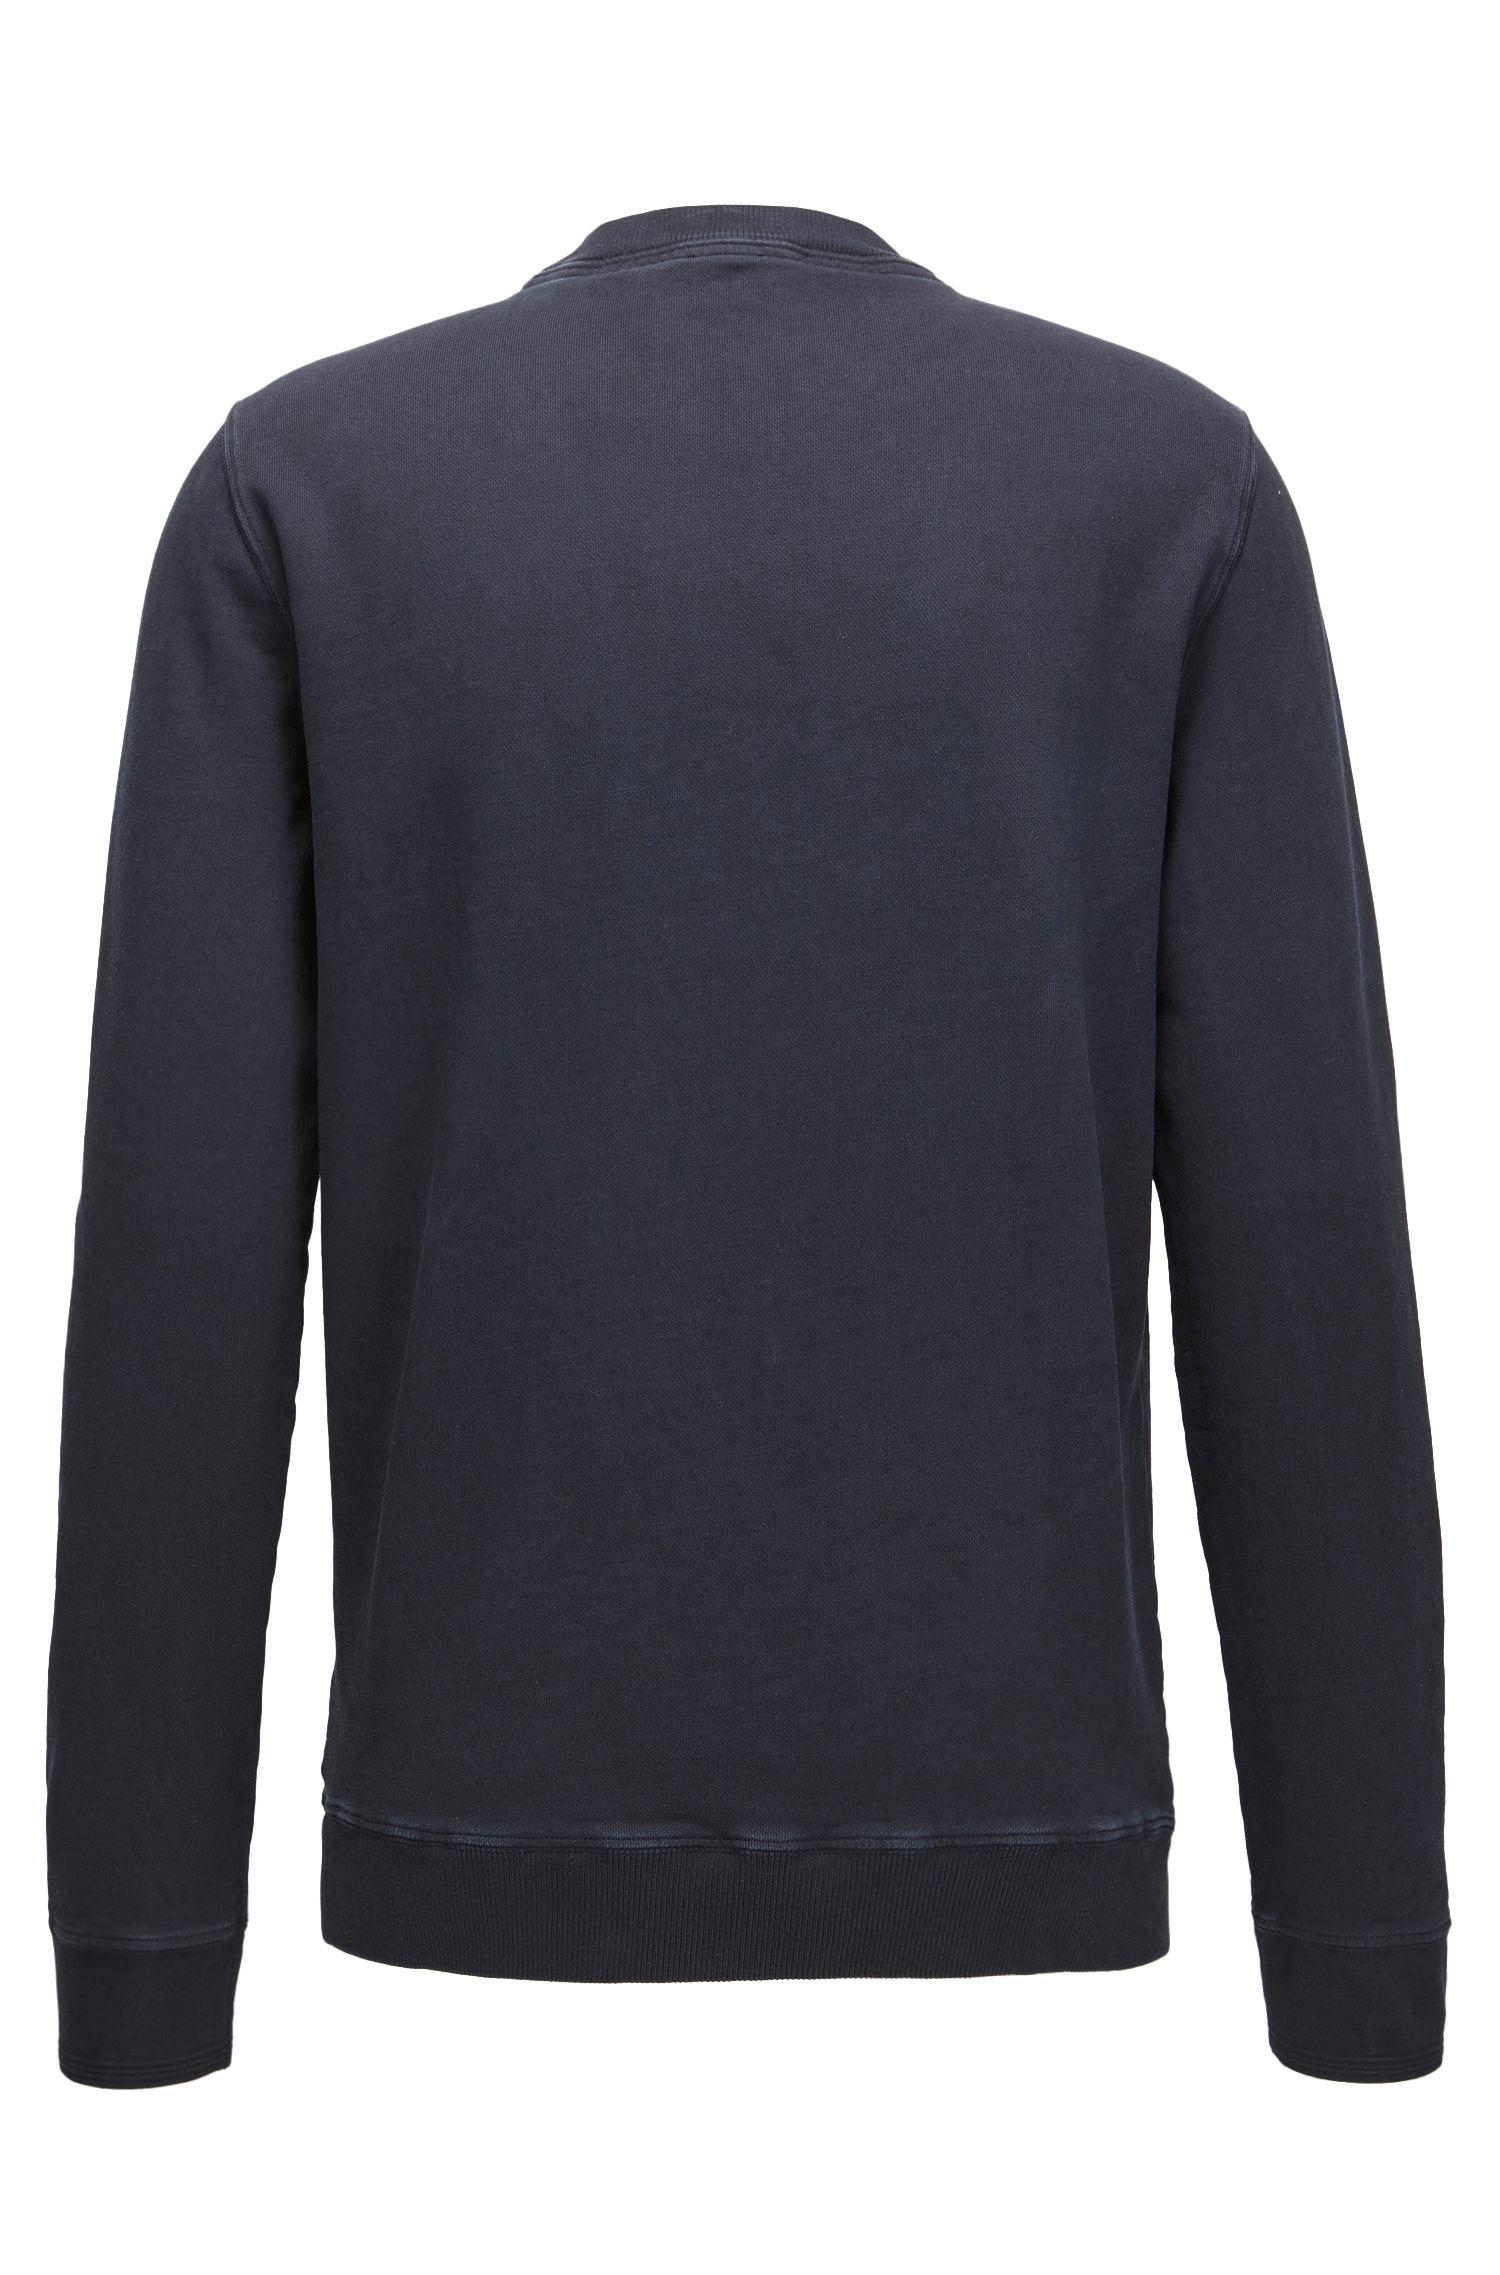 Trui van garment-dyed katoen met logo, Donkerblauw